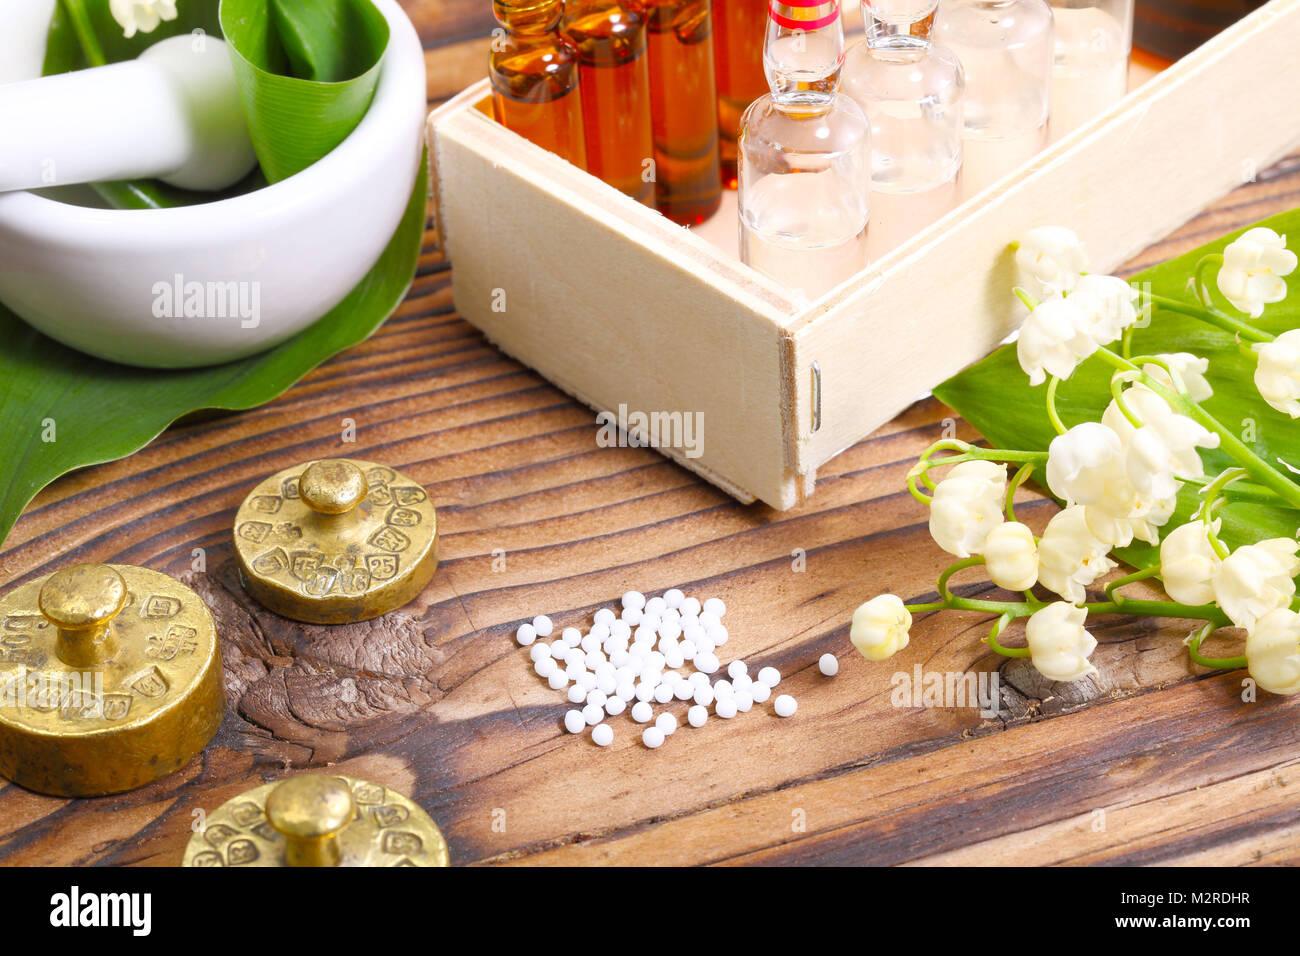 Maiglöckchen, Essenz, Globuli Stockbild